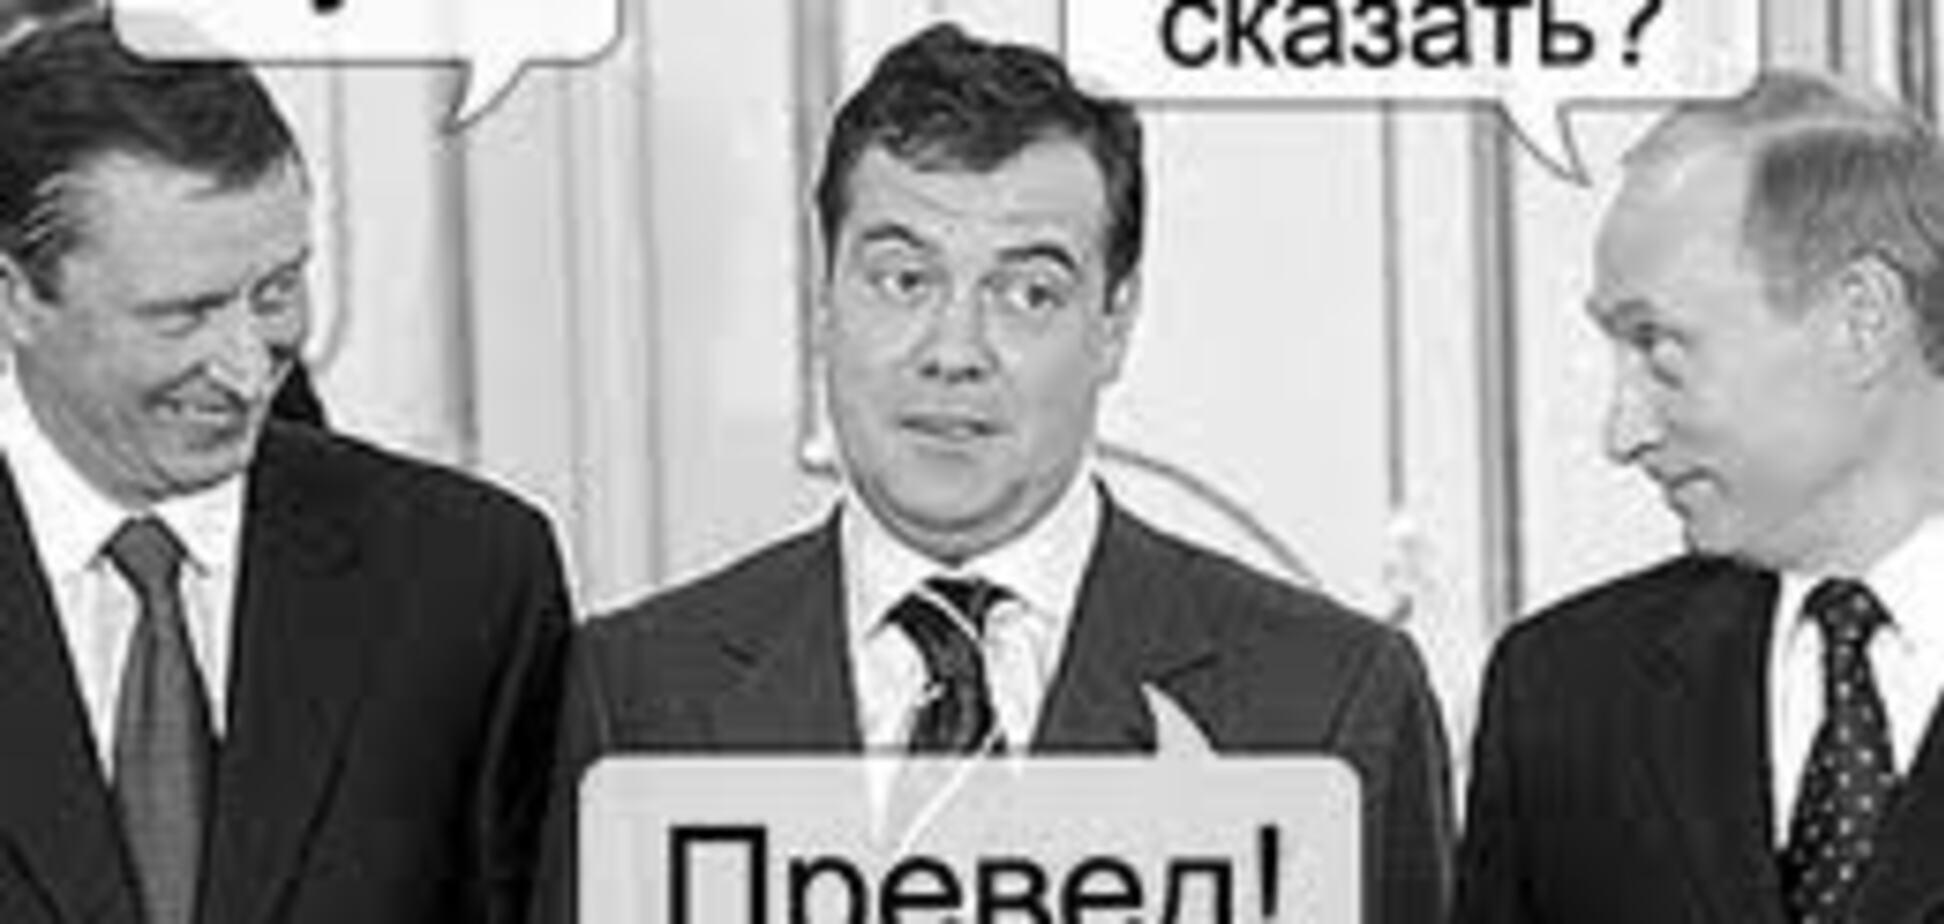 Чоловіка, який хотів Медведєва, відправили до психлікарні